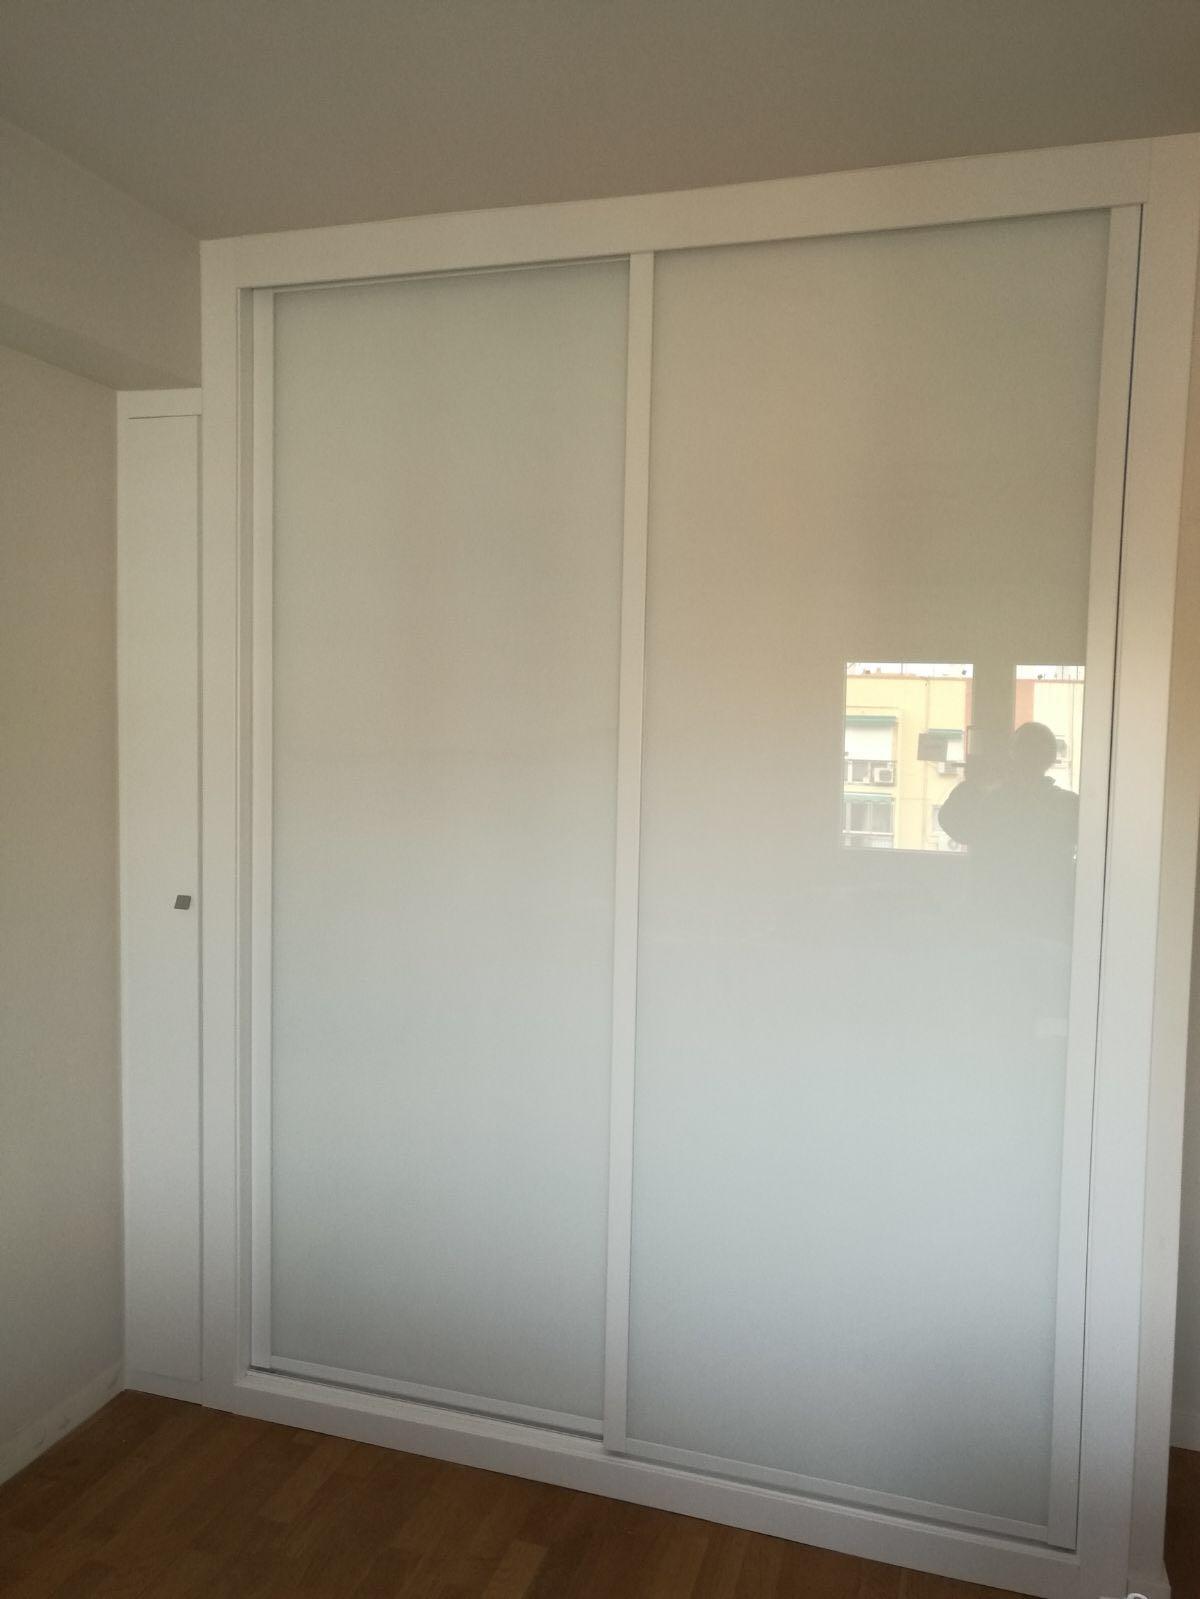 Armario puertas correderas con mini armario abierto.